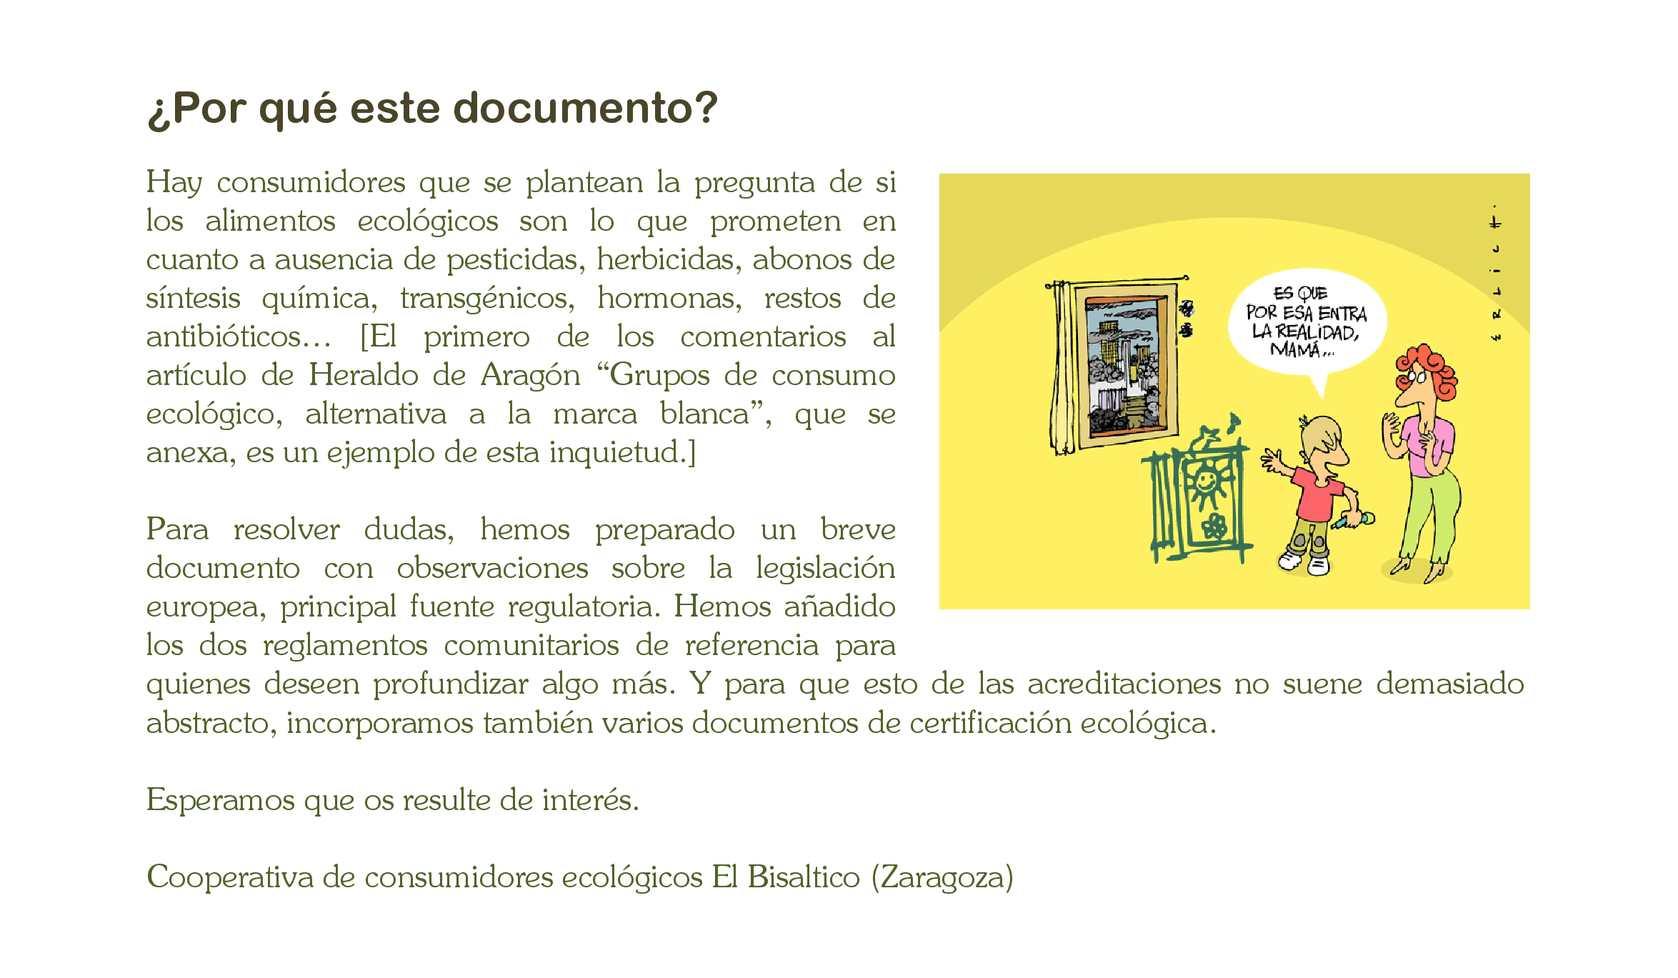 Calaméo - Cómo se garantiza que un producto \'Ecológico\' es Ecológico